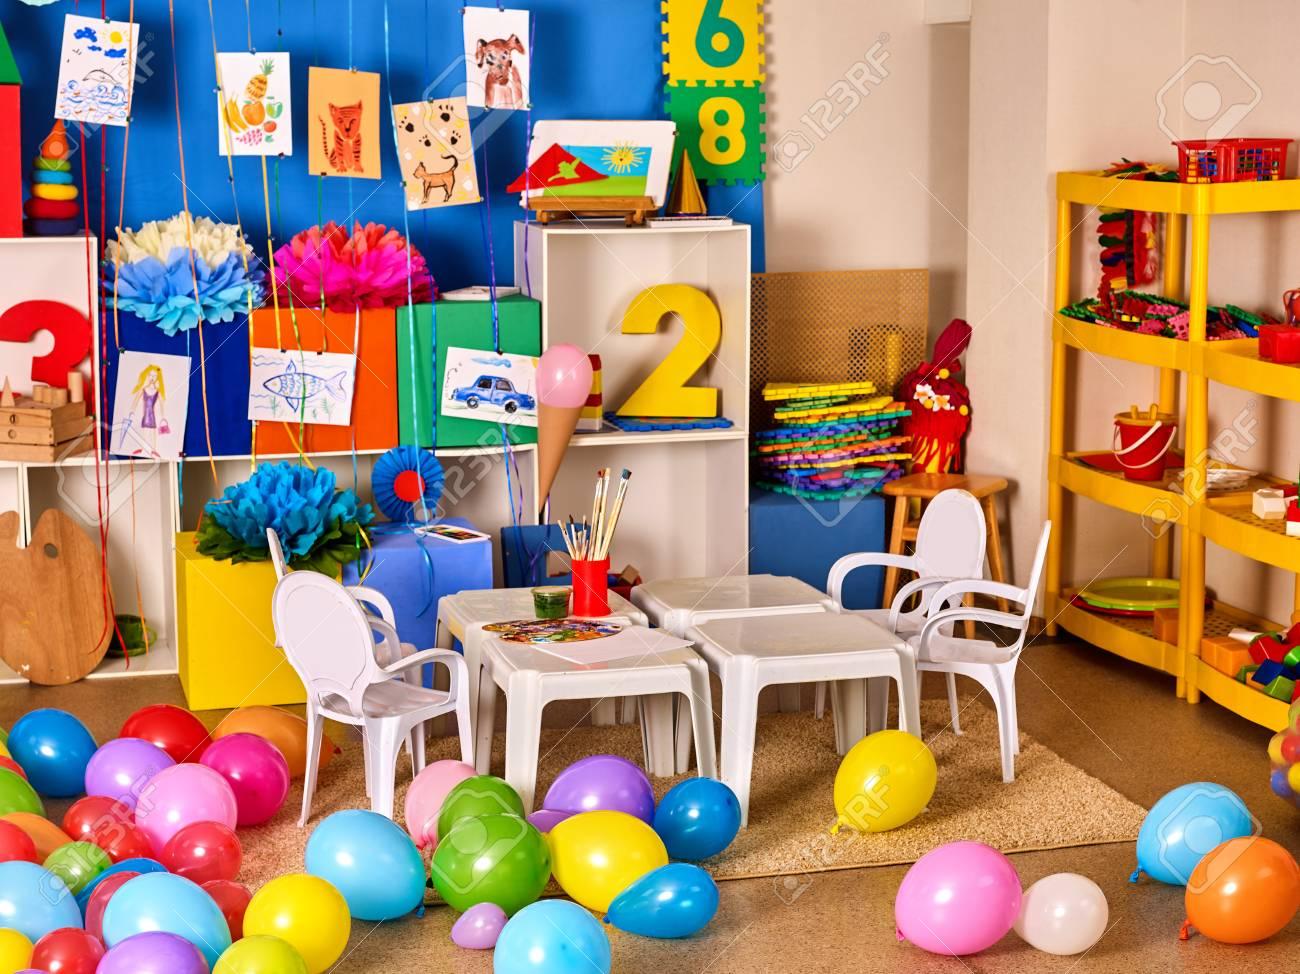 maternelle d�coration int�rieure enfant photo sur le mur. classe  pr�scolaire en attente des enfants. ballons de couleur sur le sol. salle de  jeux avec